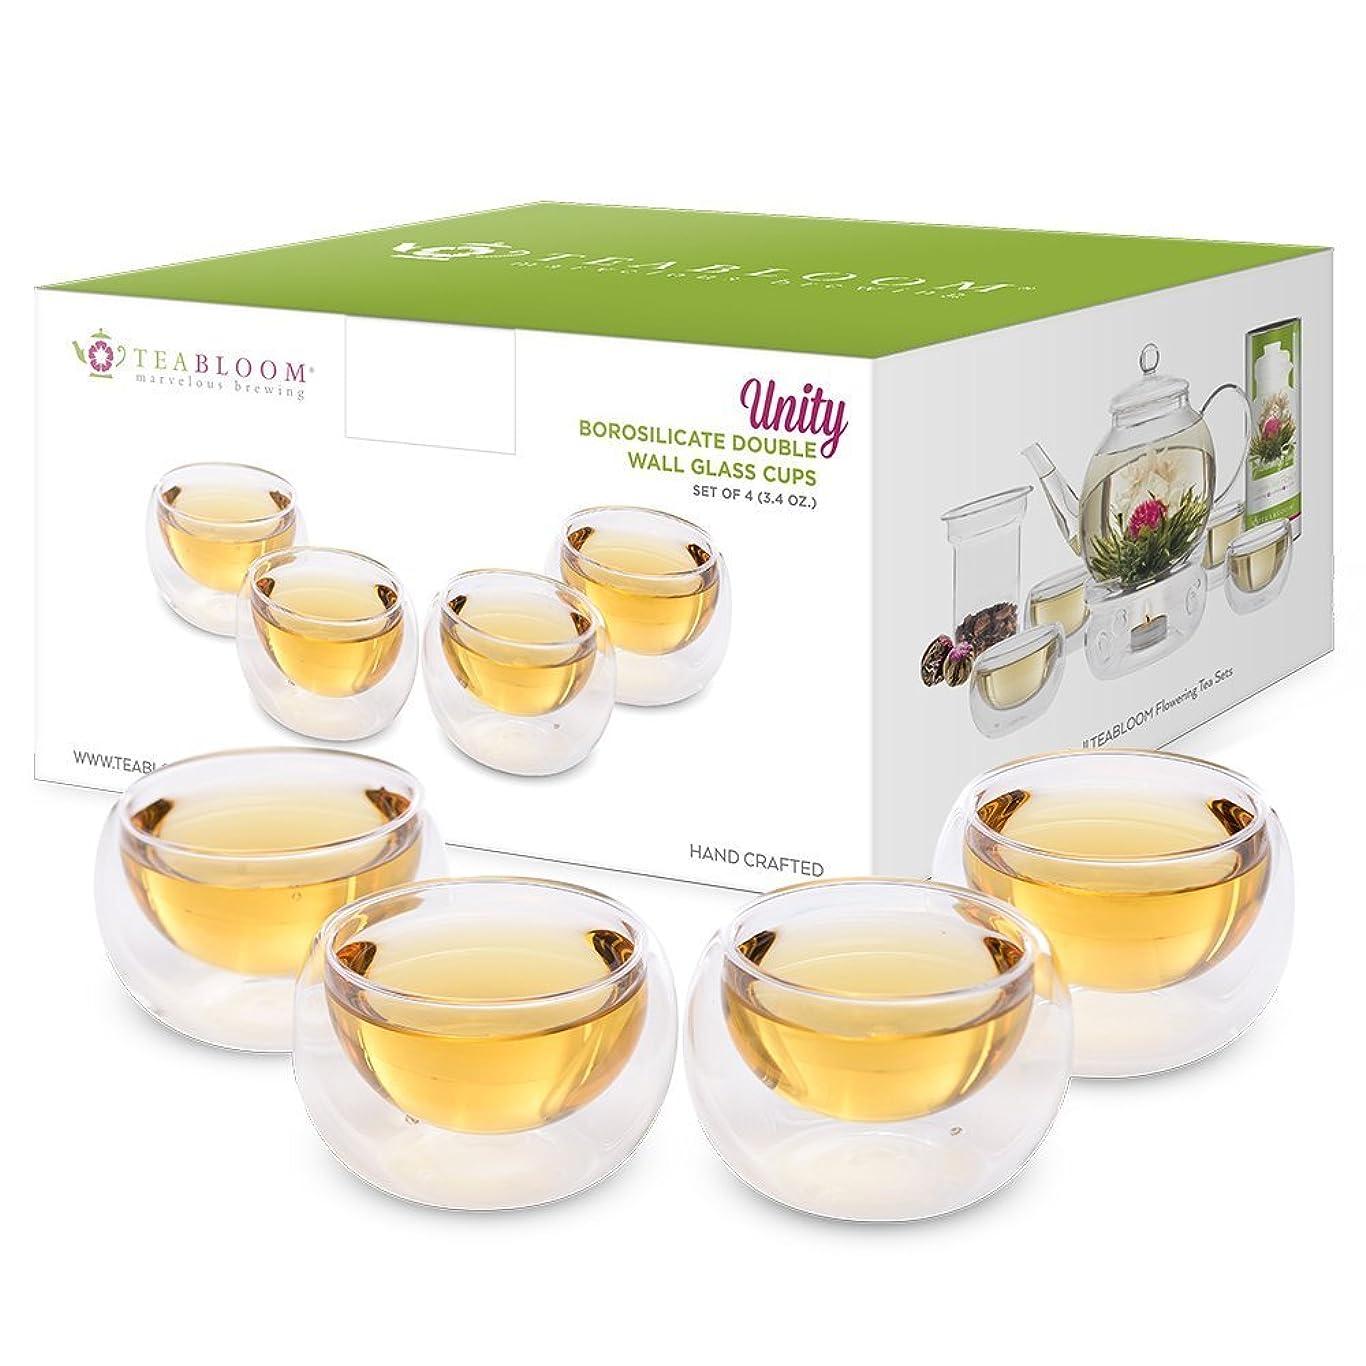 貧困書道アクティブTeabloom Tea Cups - Double Wall Insulated Glasses - Set of 4 (3.4 oz / 100 ml) Heat Resistant Borosilicate Tea and Espresso Cups - Lead Free Glass